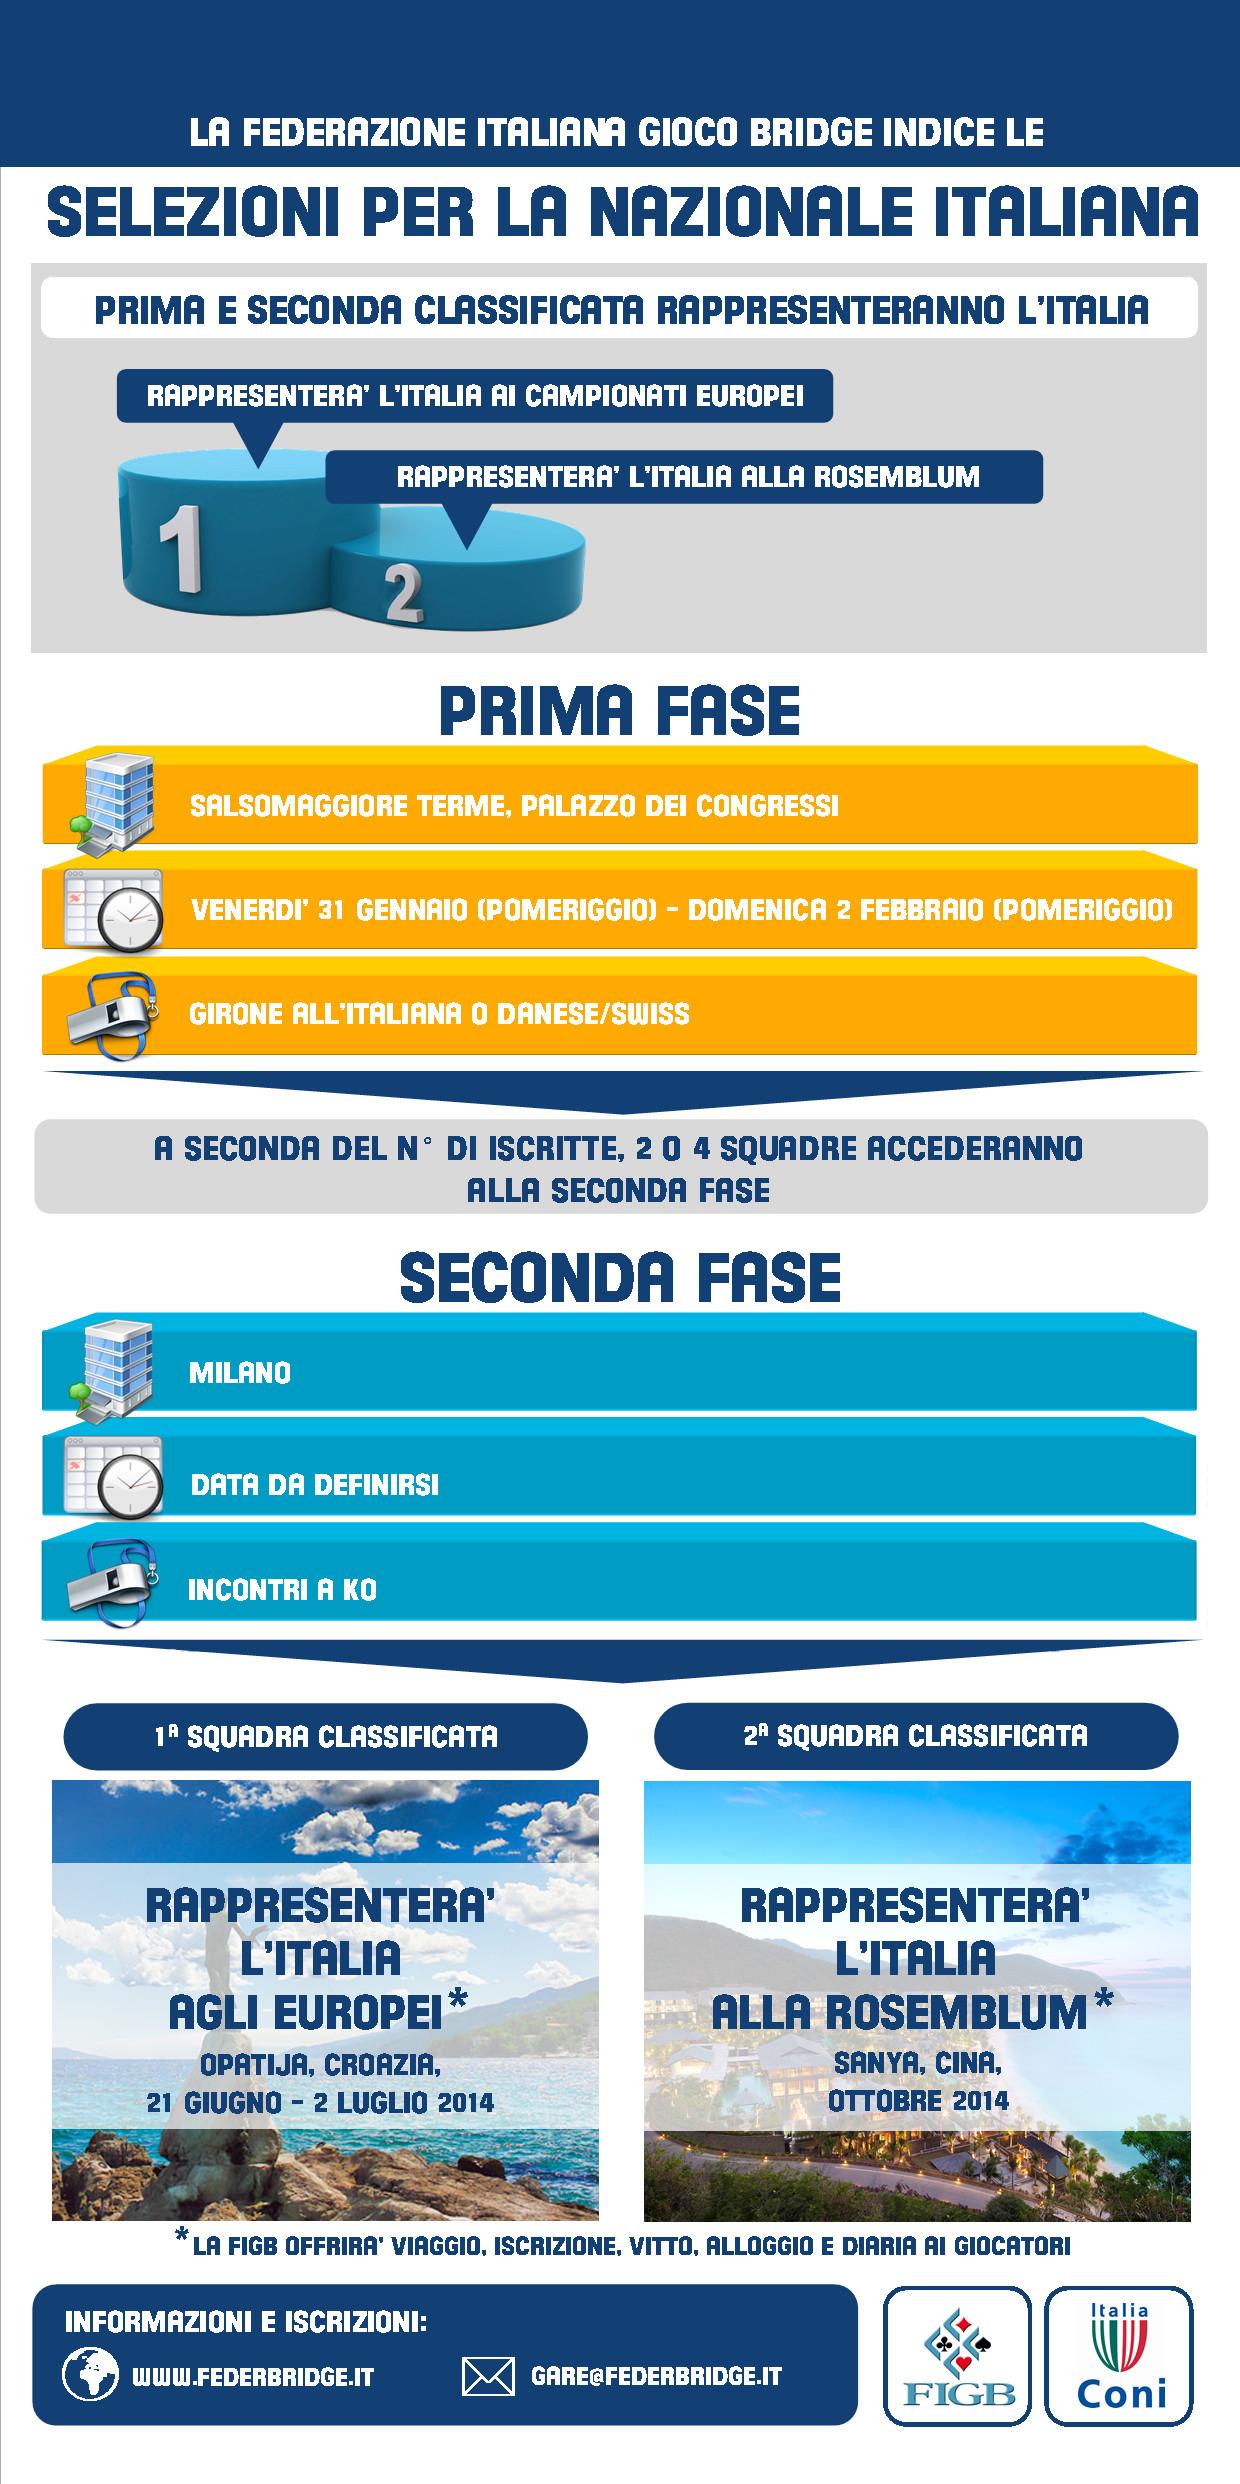 Infografica sulle Selezioni per la Nazionale Italiana